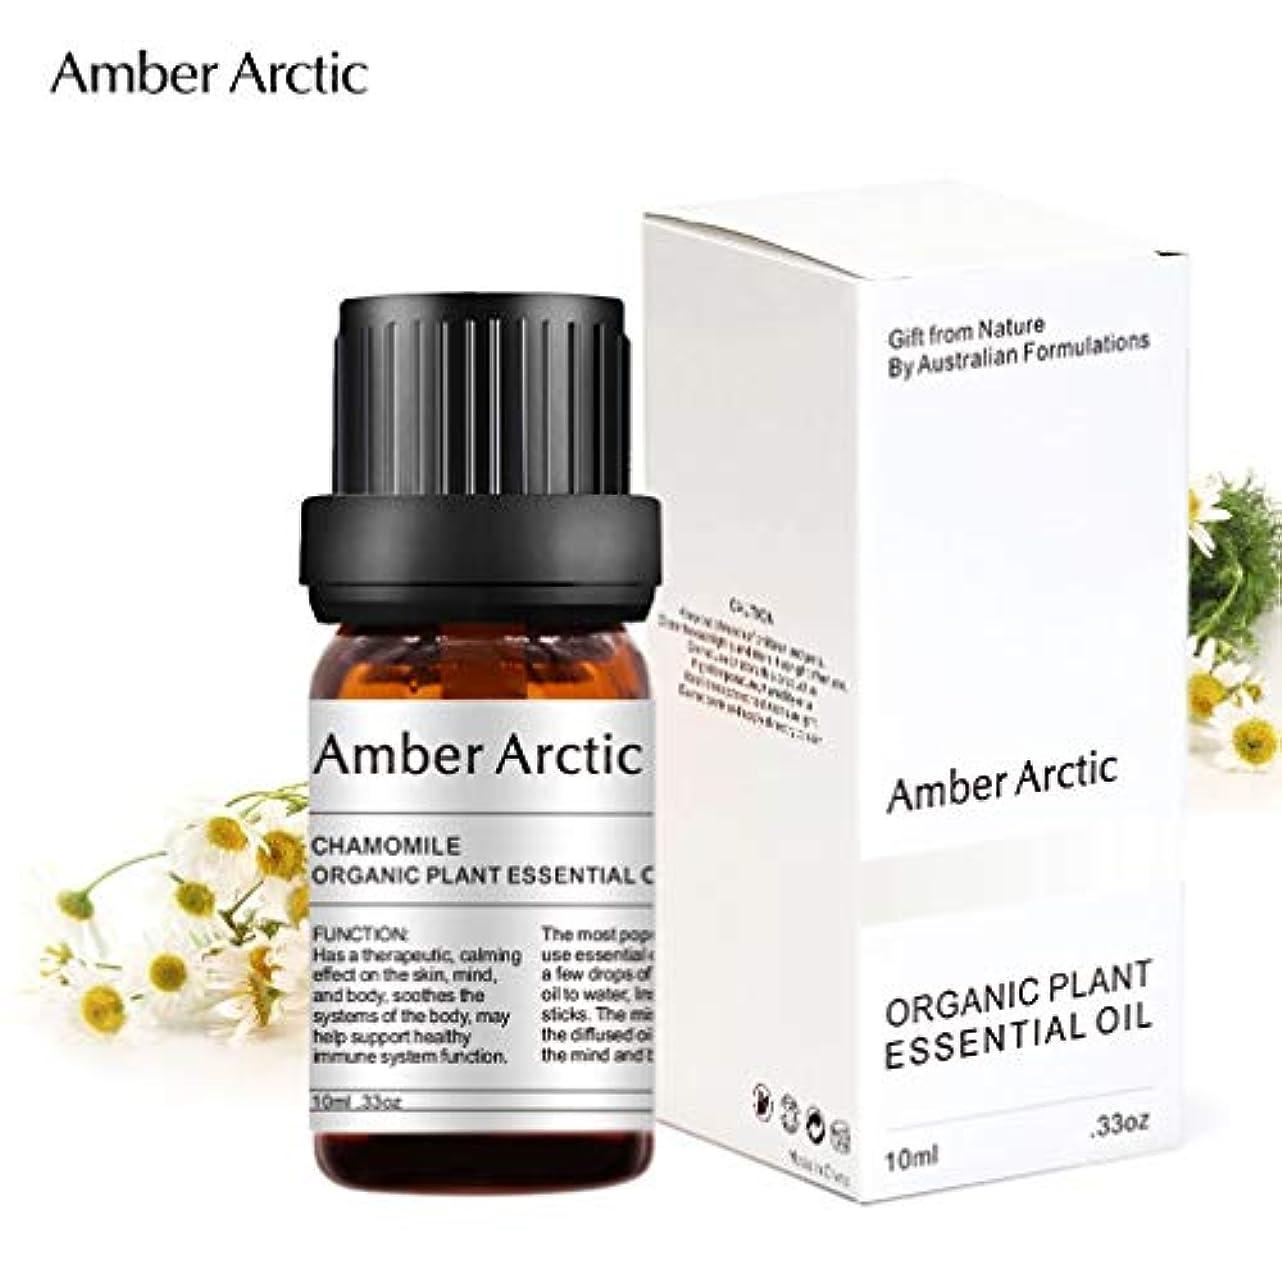 パトワ廃止する求めるAmber Arctic カモミール エッセンシャル オイル、100% ピュア 天然 アロマテラピー カモミール オイル スプレッド 用 (10ML) カモミール